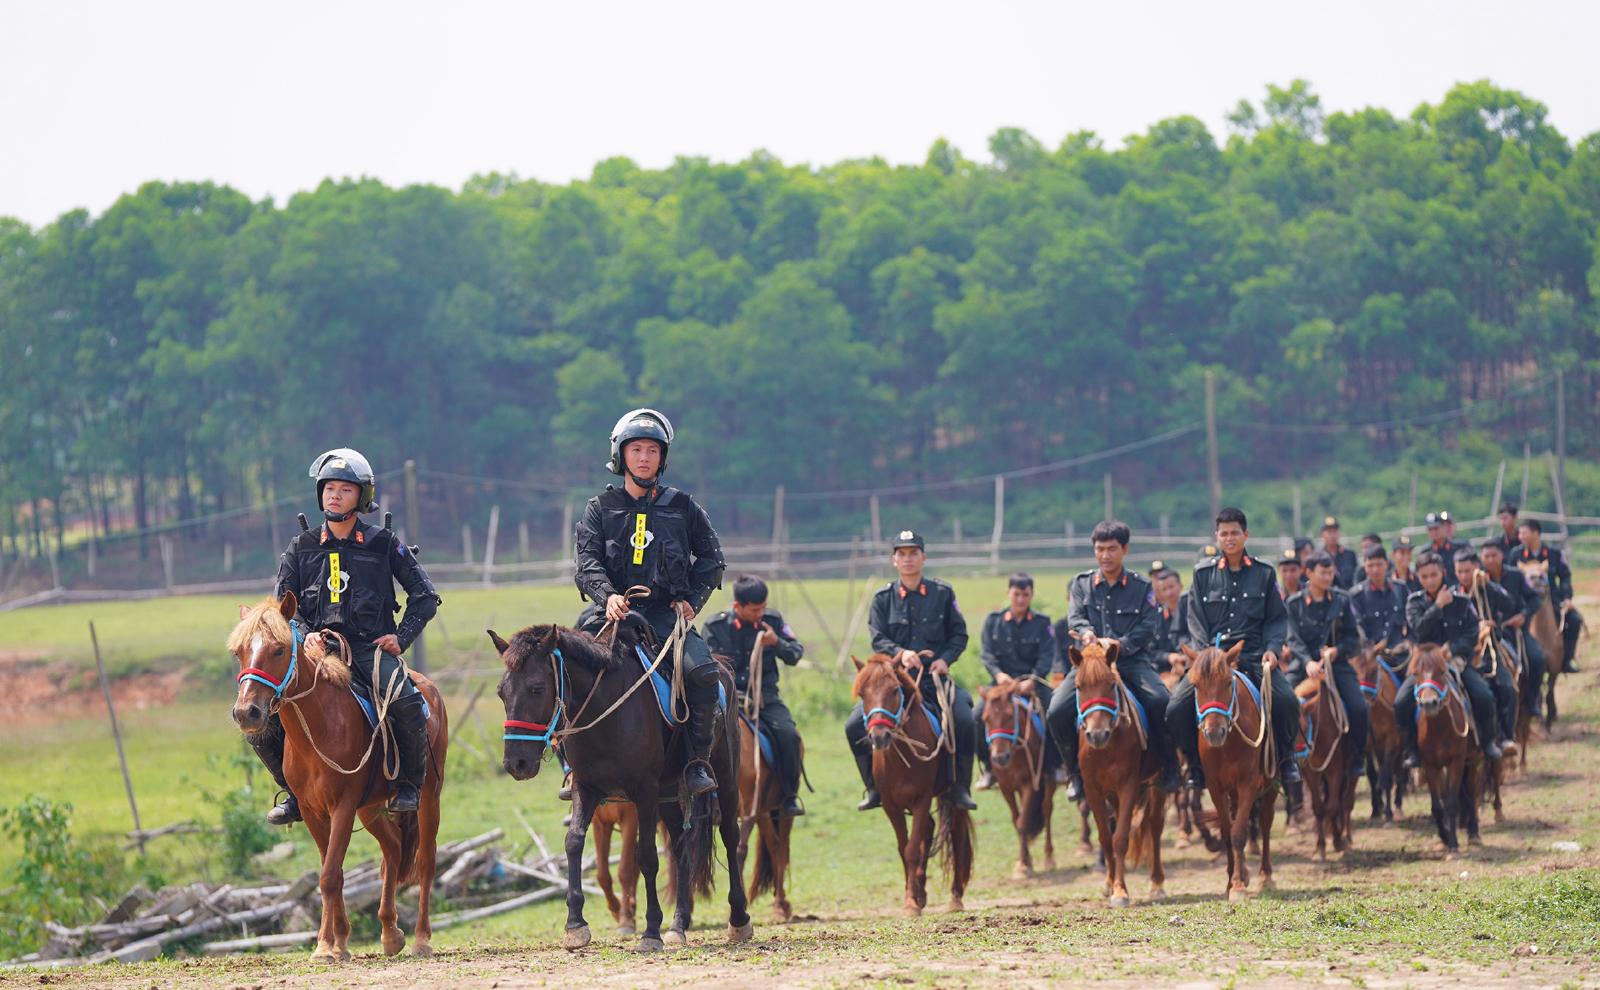 Cảnh sát cơ động Kỵ binh huấn luyện ngựa nghiệp vụ ảnh 3